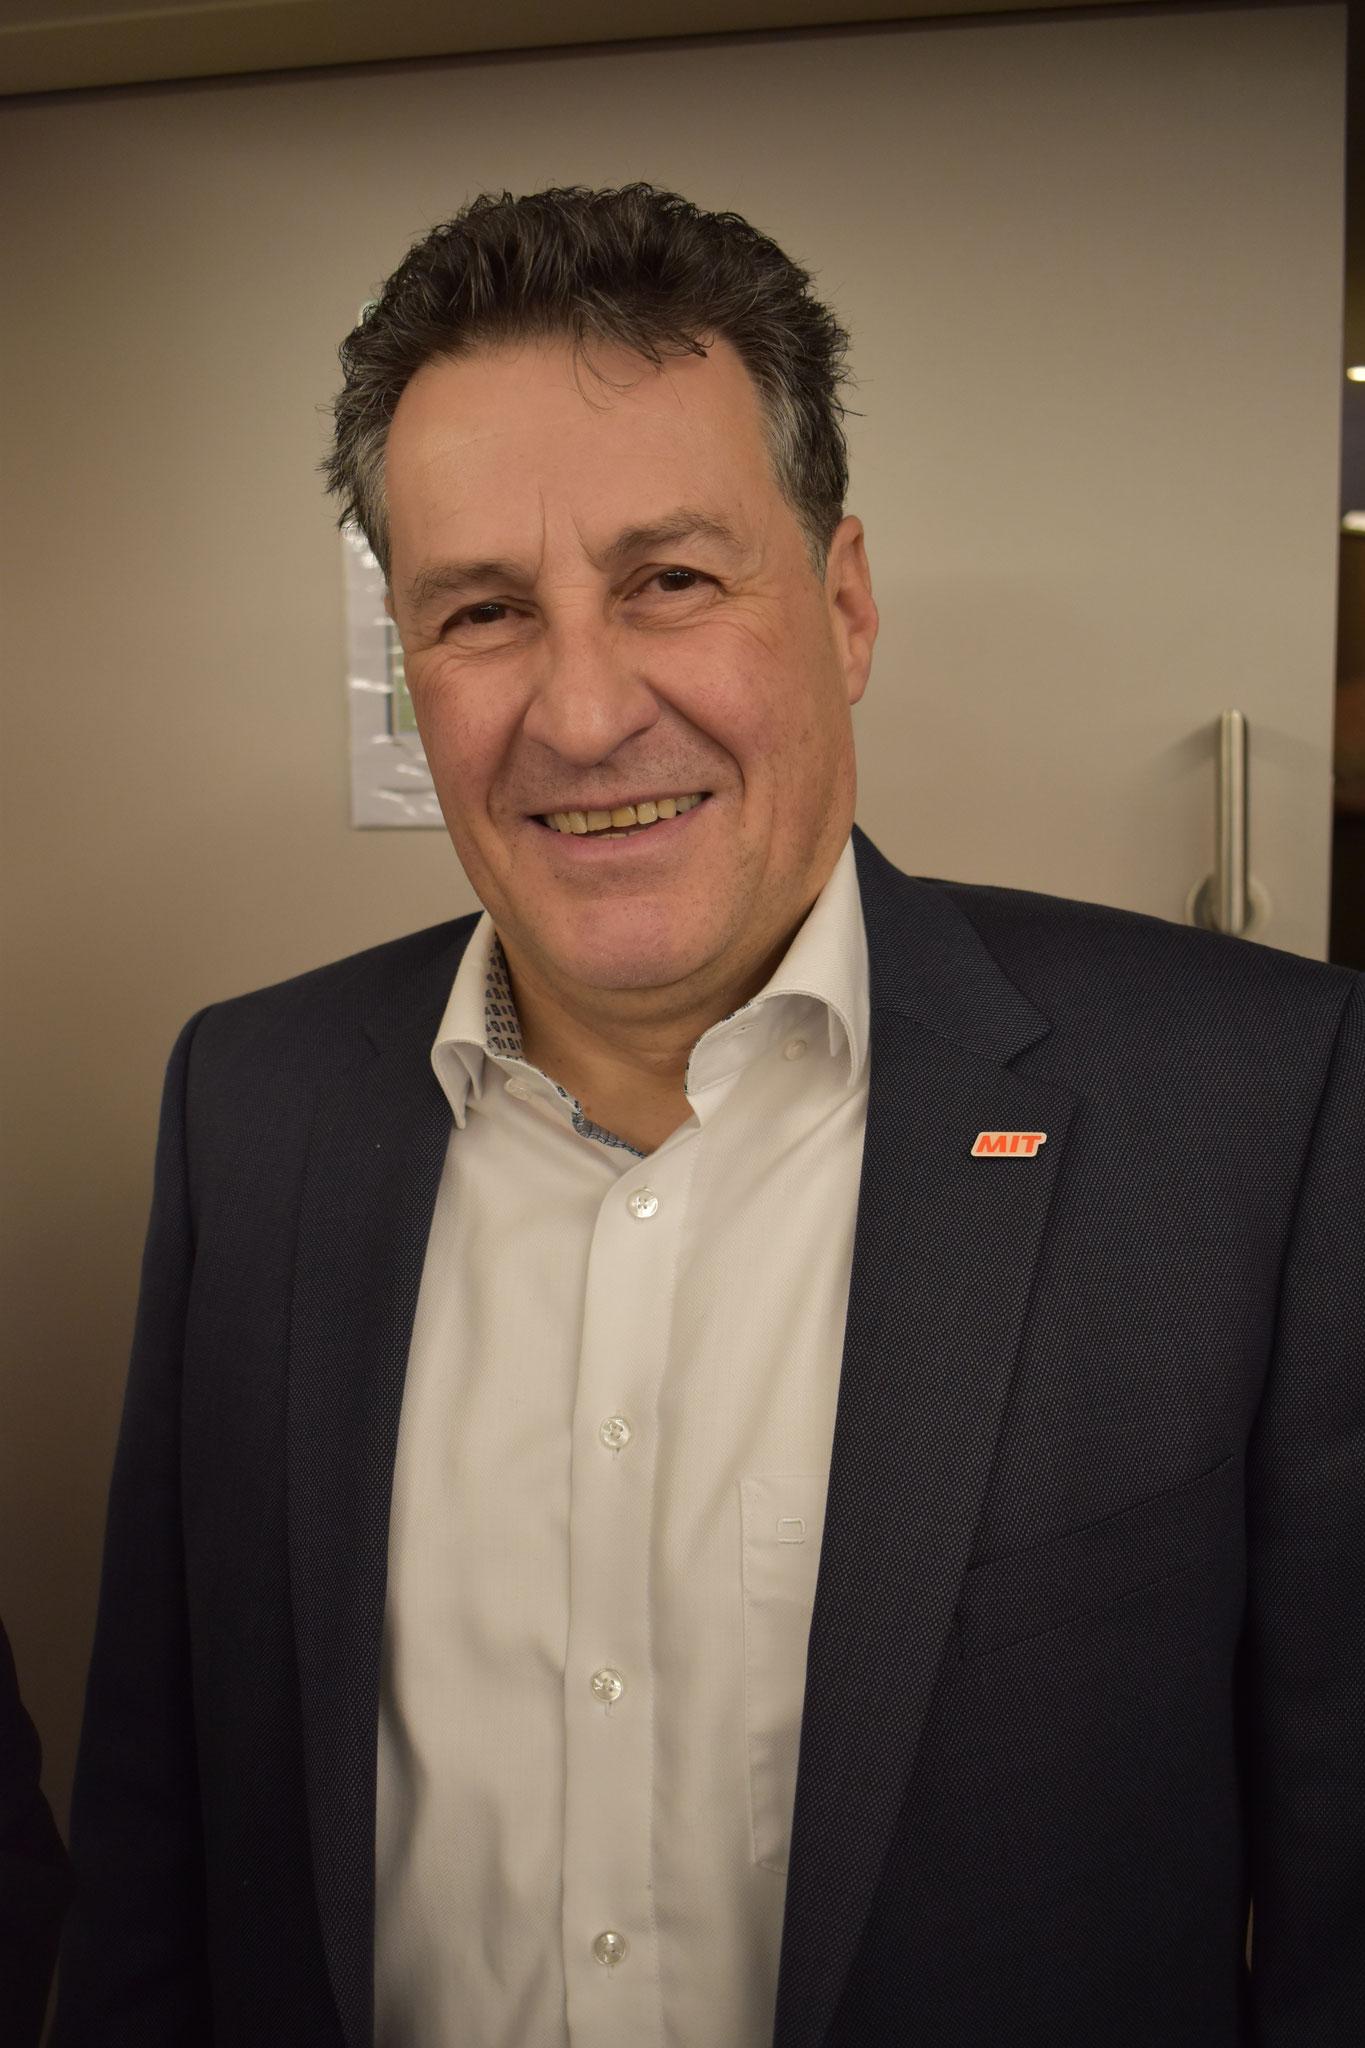 Markus Steins